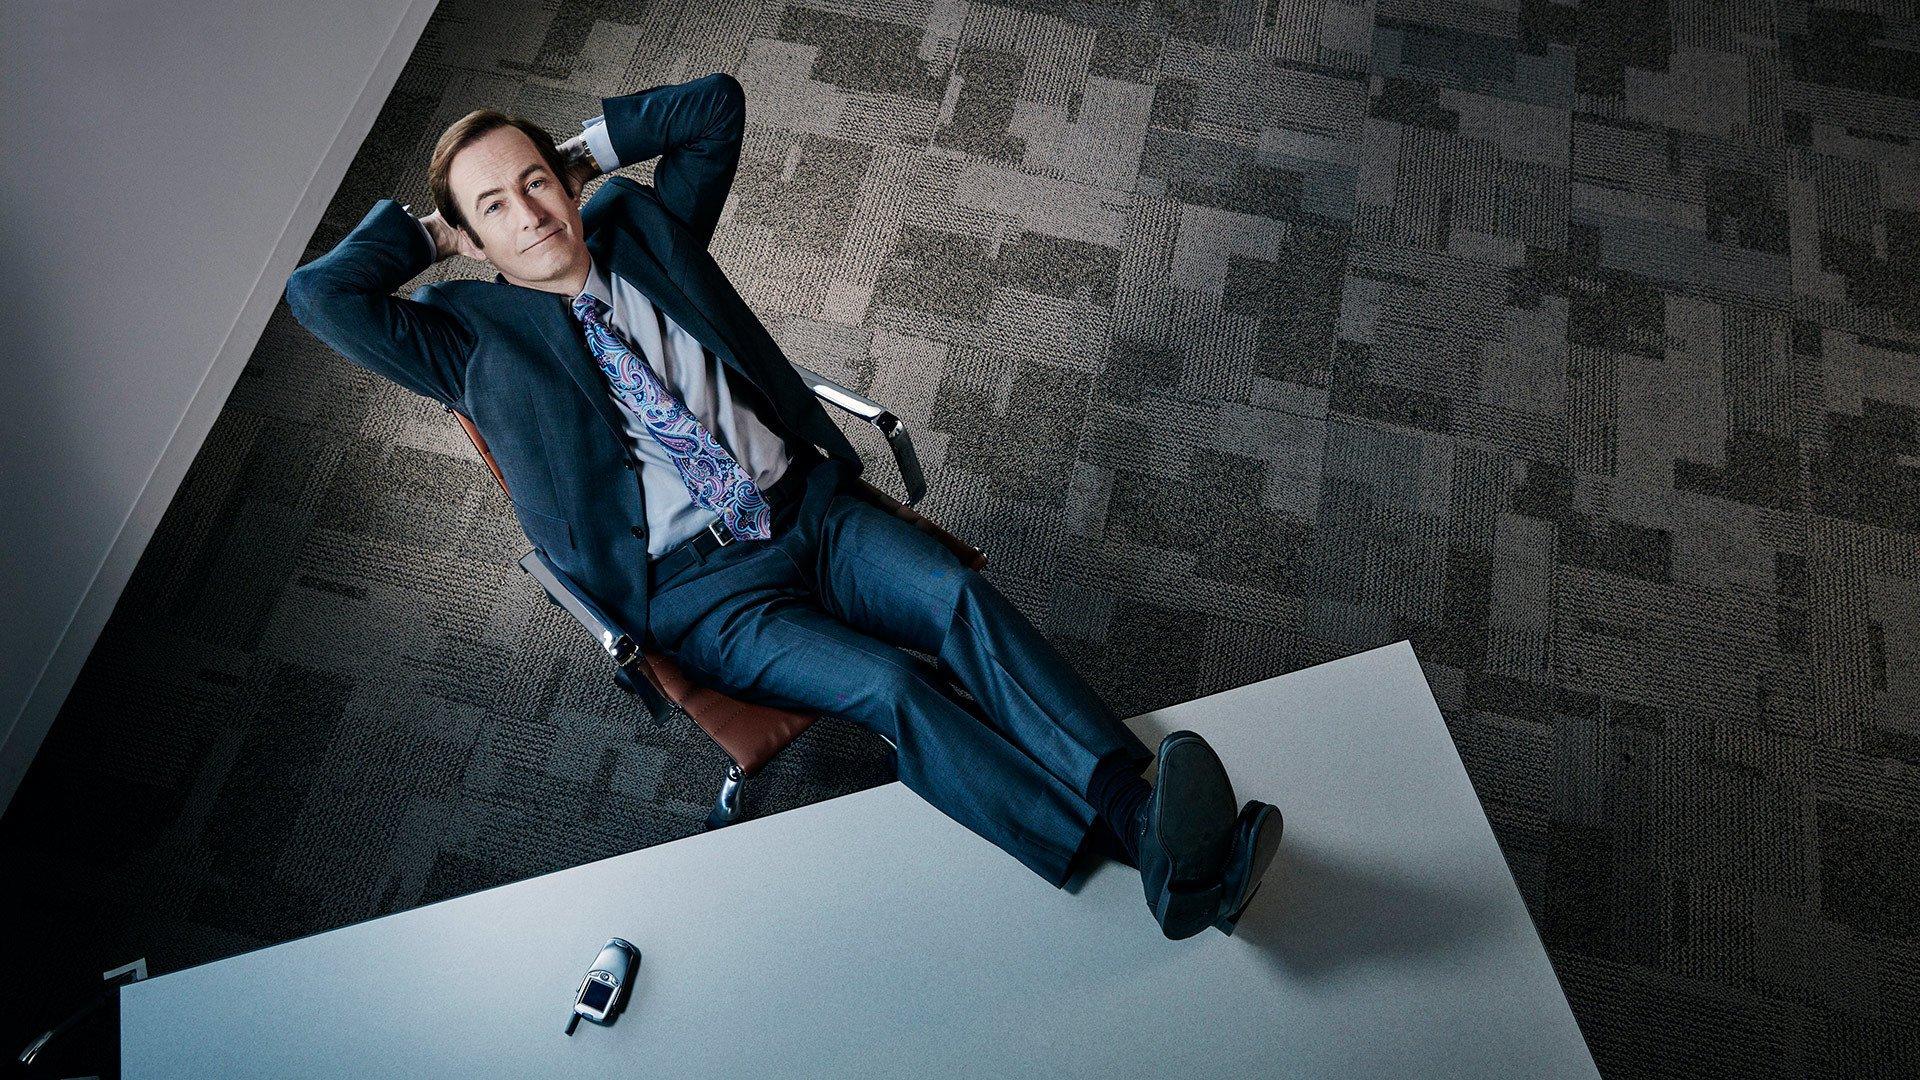 Jimmy McGill/Saul Goodman les pieds sur son bureau